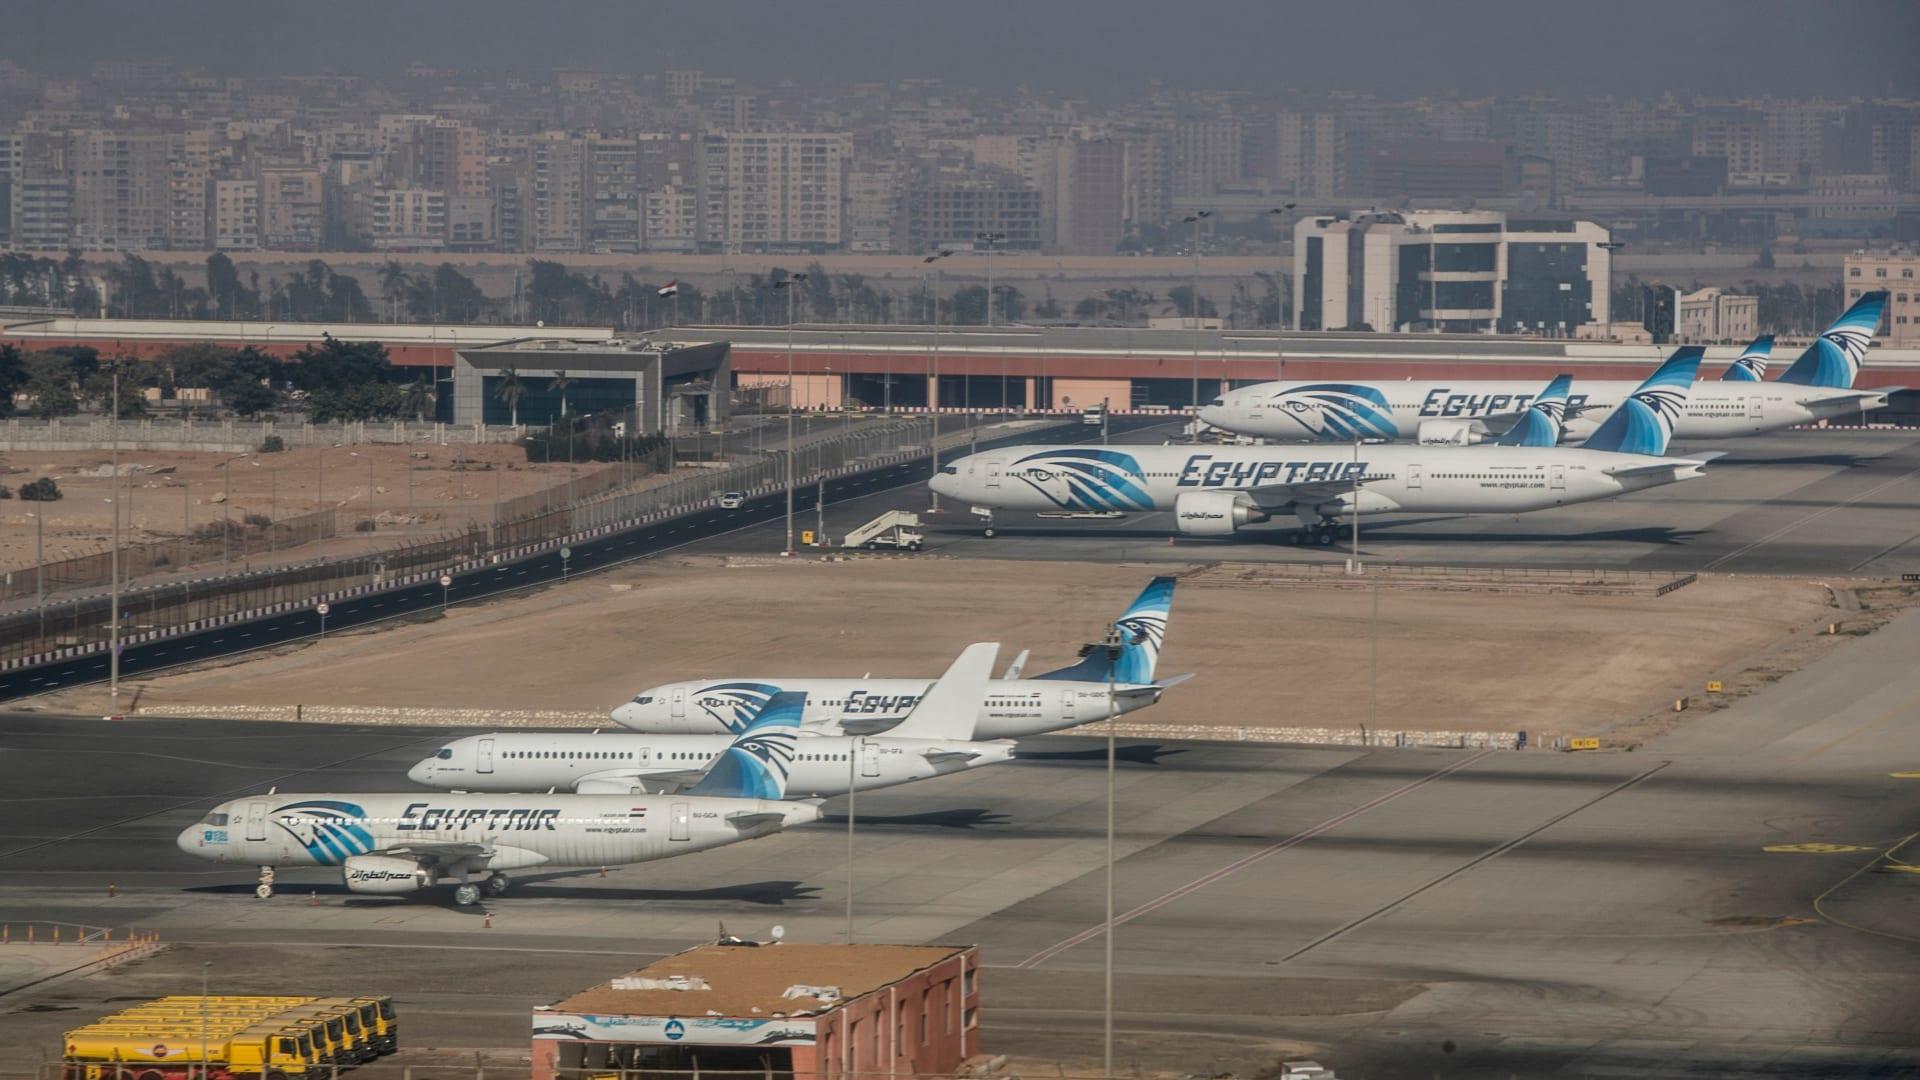 صورة أرشيفية لطائرات تابعة لمصر للطيران في مطار القاهرة الدولي